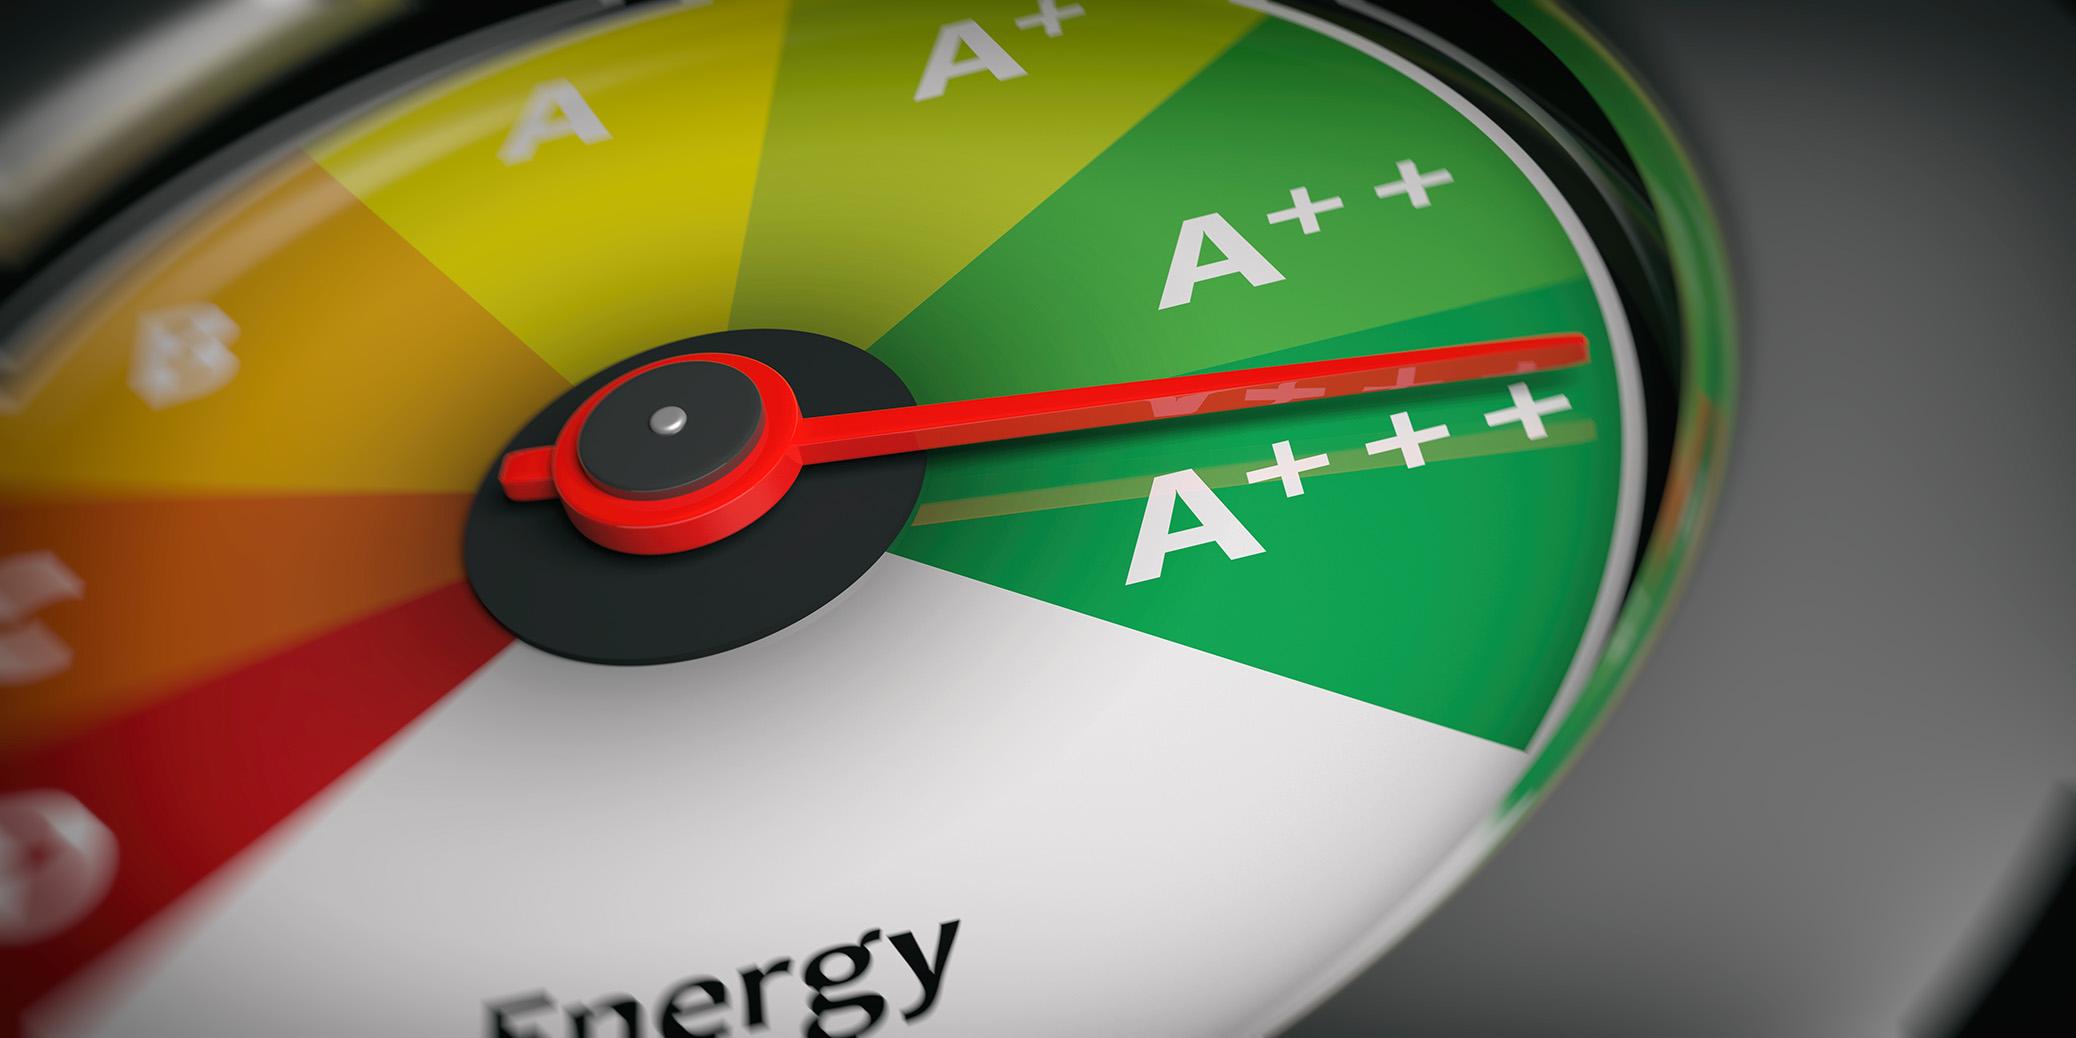 Energy Effciency